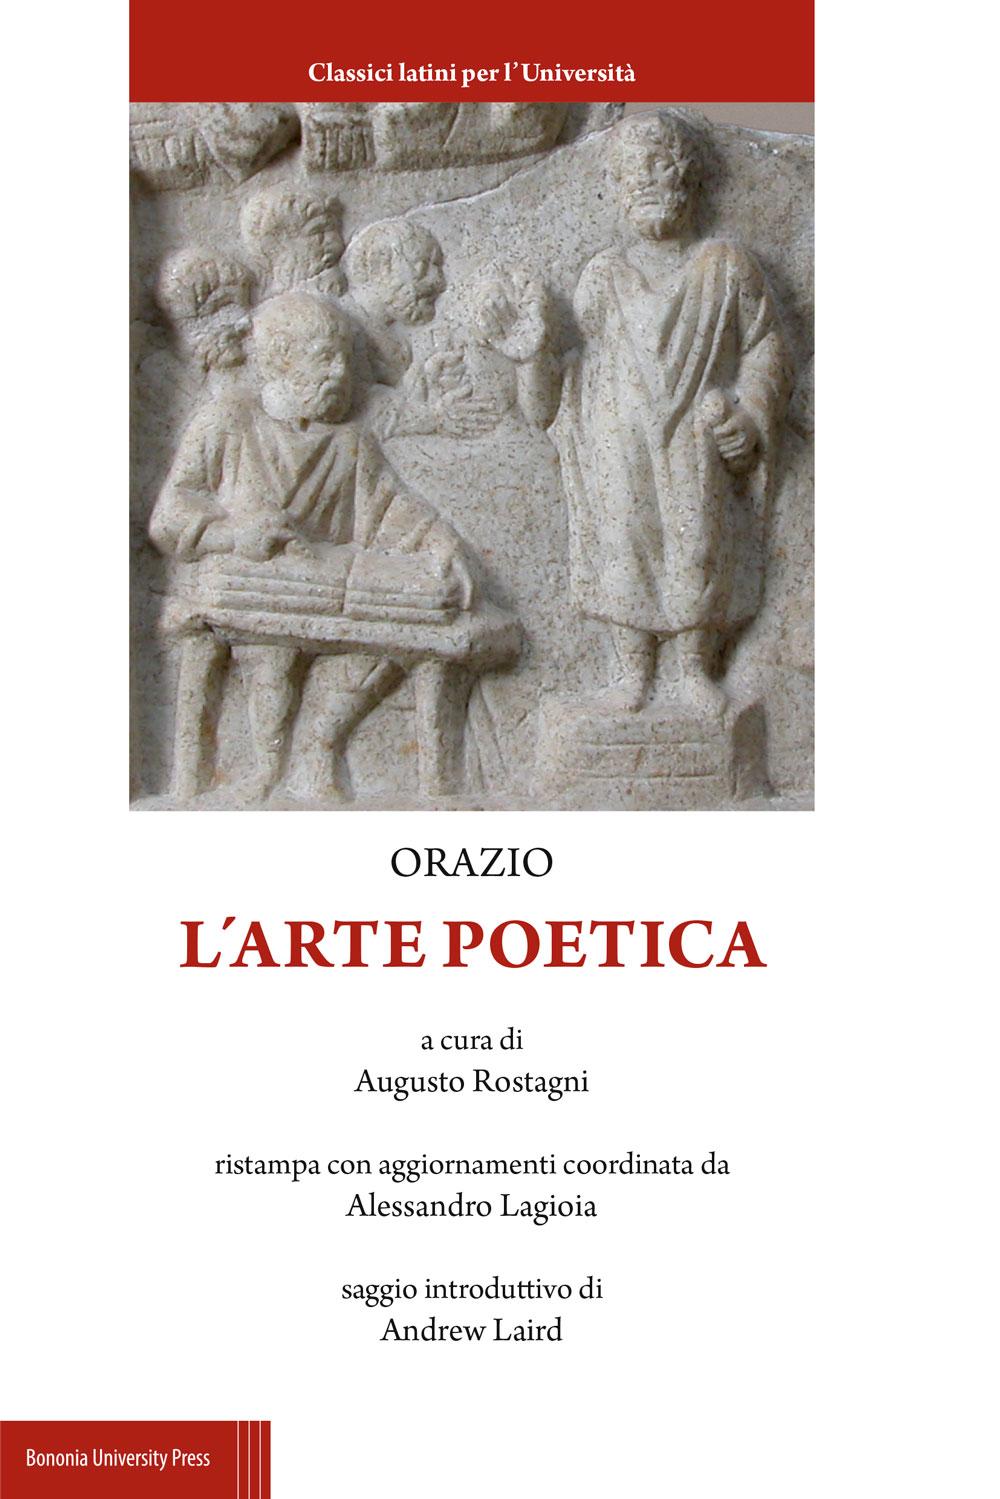 Orazio. L'arte poetica - Bononia University Press